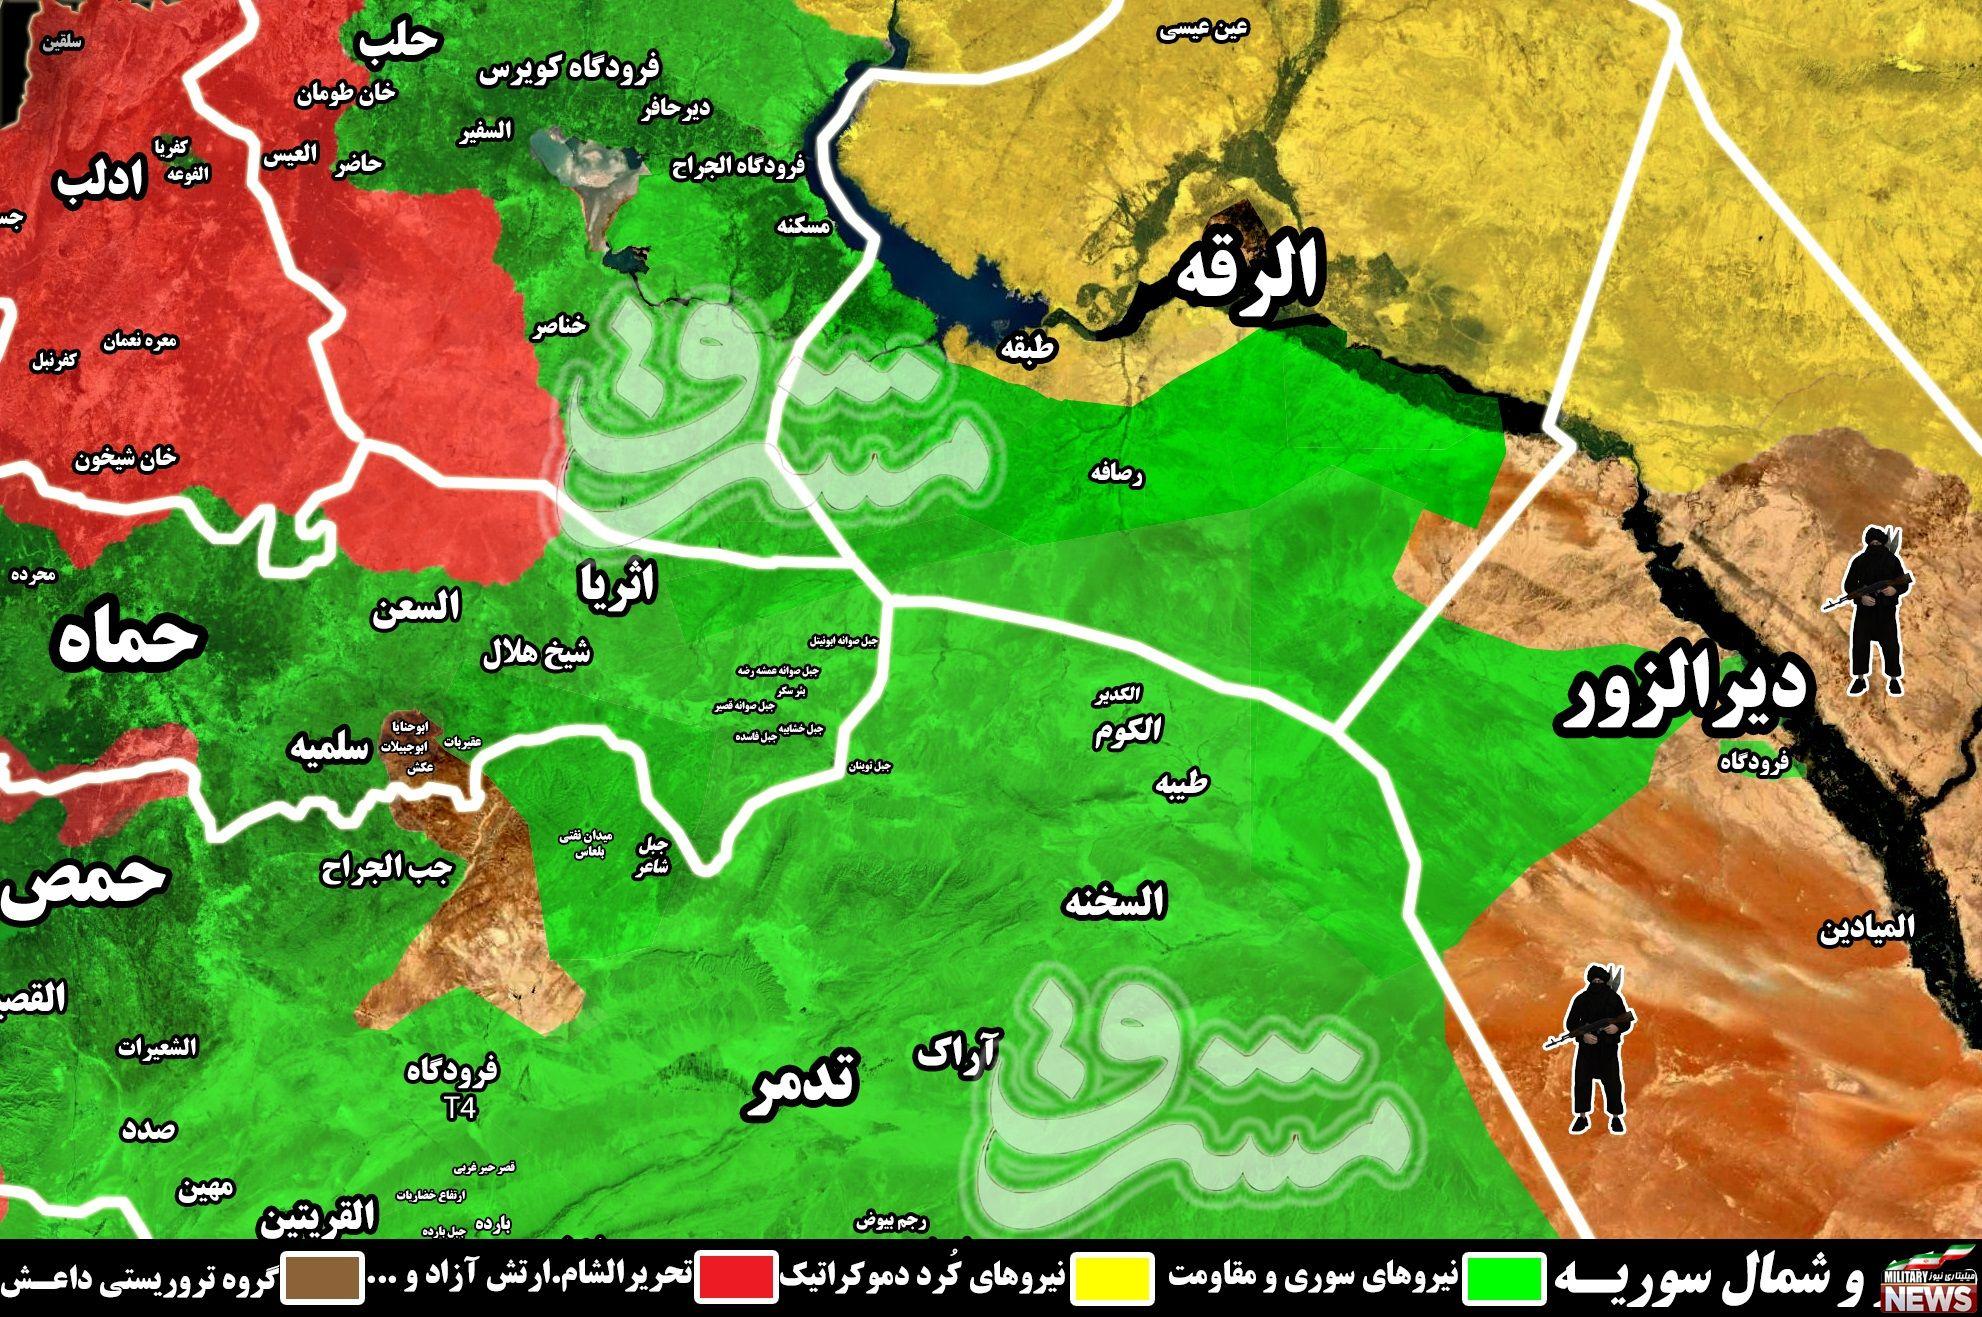 طوفان نیروهای متحد در شرق حماه و شمال حمص/ آزادی ۱۰ شهرک و انهدام ۴۰ خودروی زرهی و انتحاری داعش   +نقشه میدانی